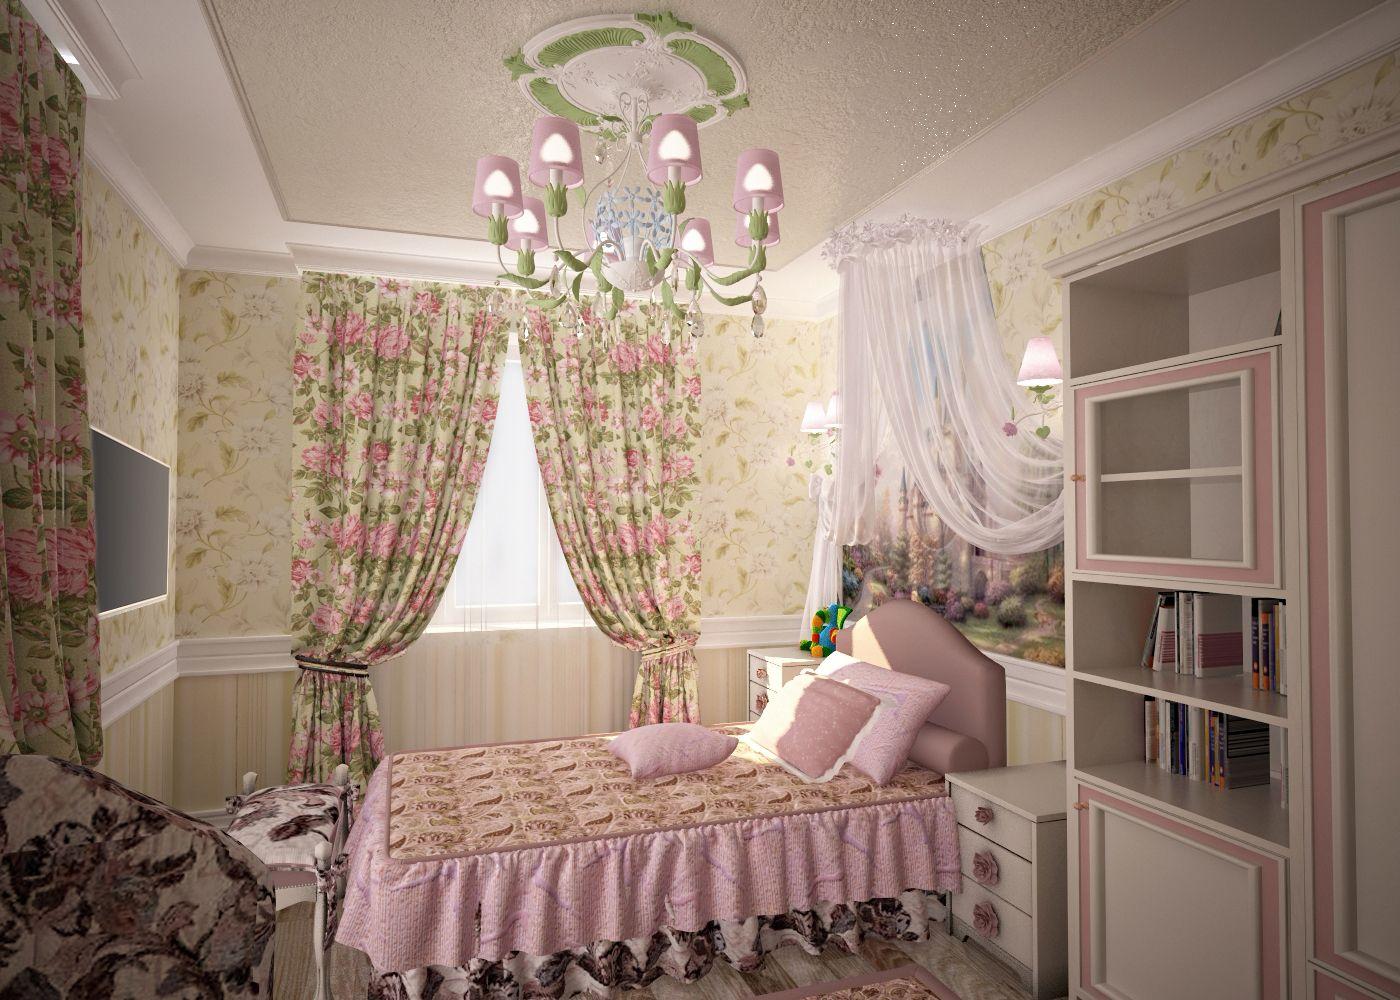 Дизайн детской комнаты Киев спальня классика, прованс винтаж, цветы на стенах розовая